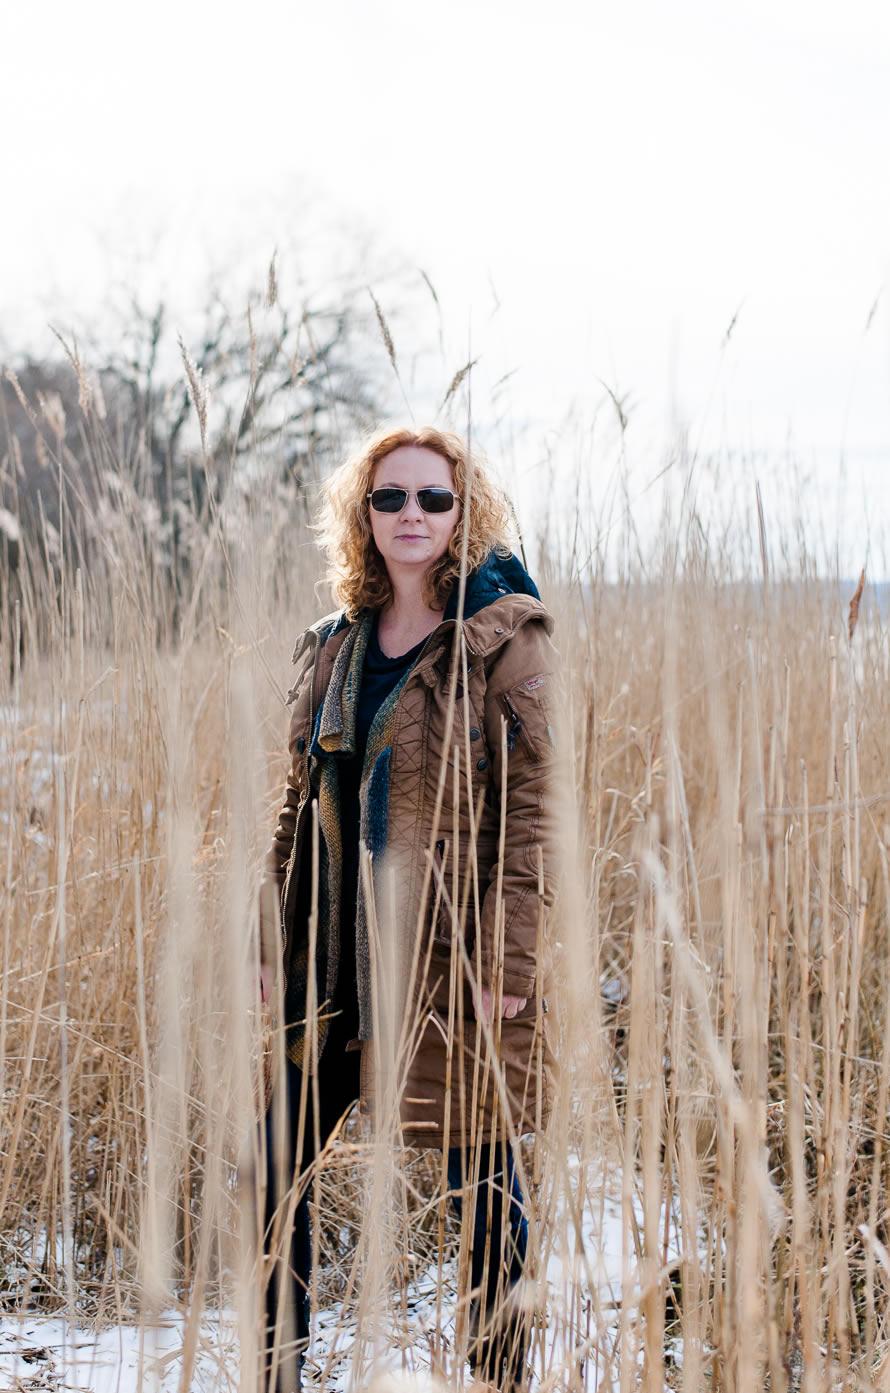 Ein Portrait Frau im Schilf im Winter